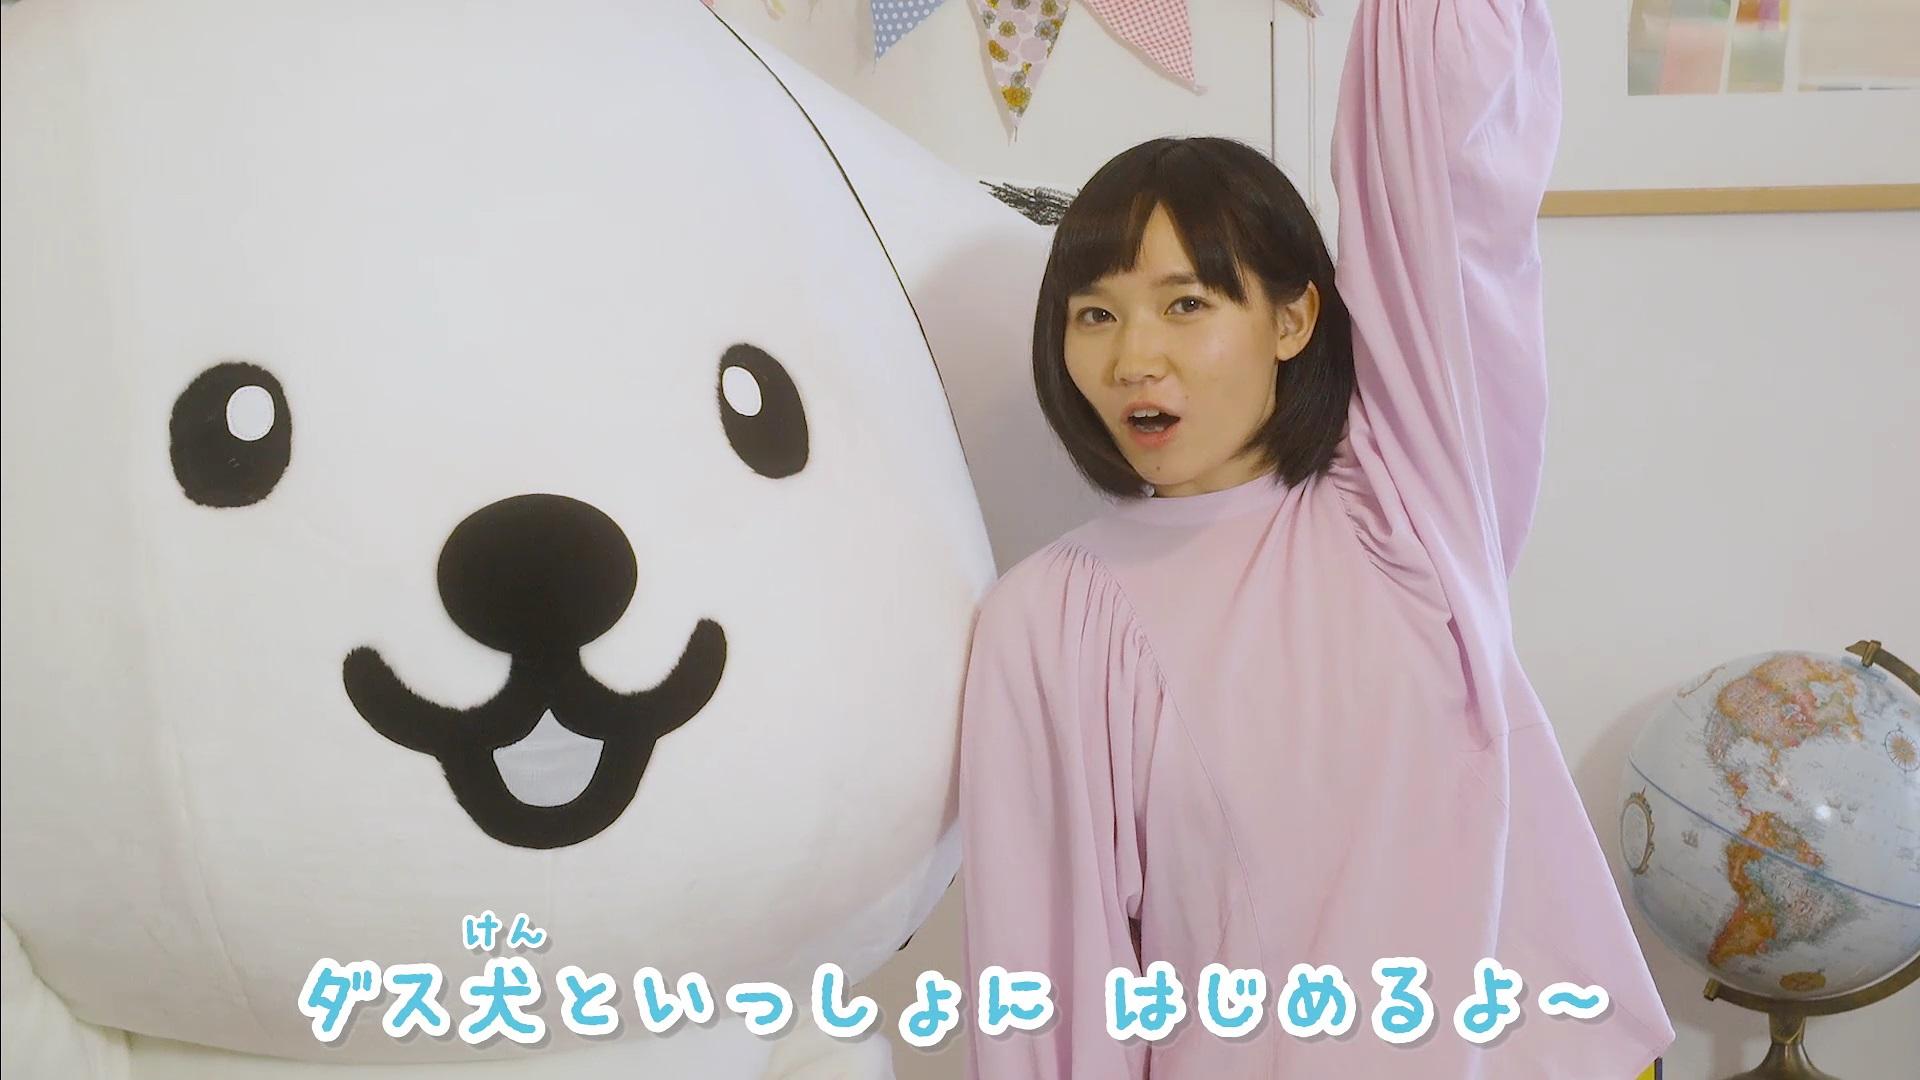 動画に登場するダス犬と鈴川絢子